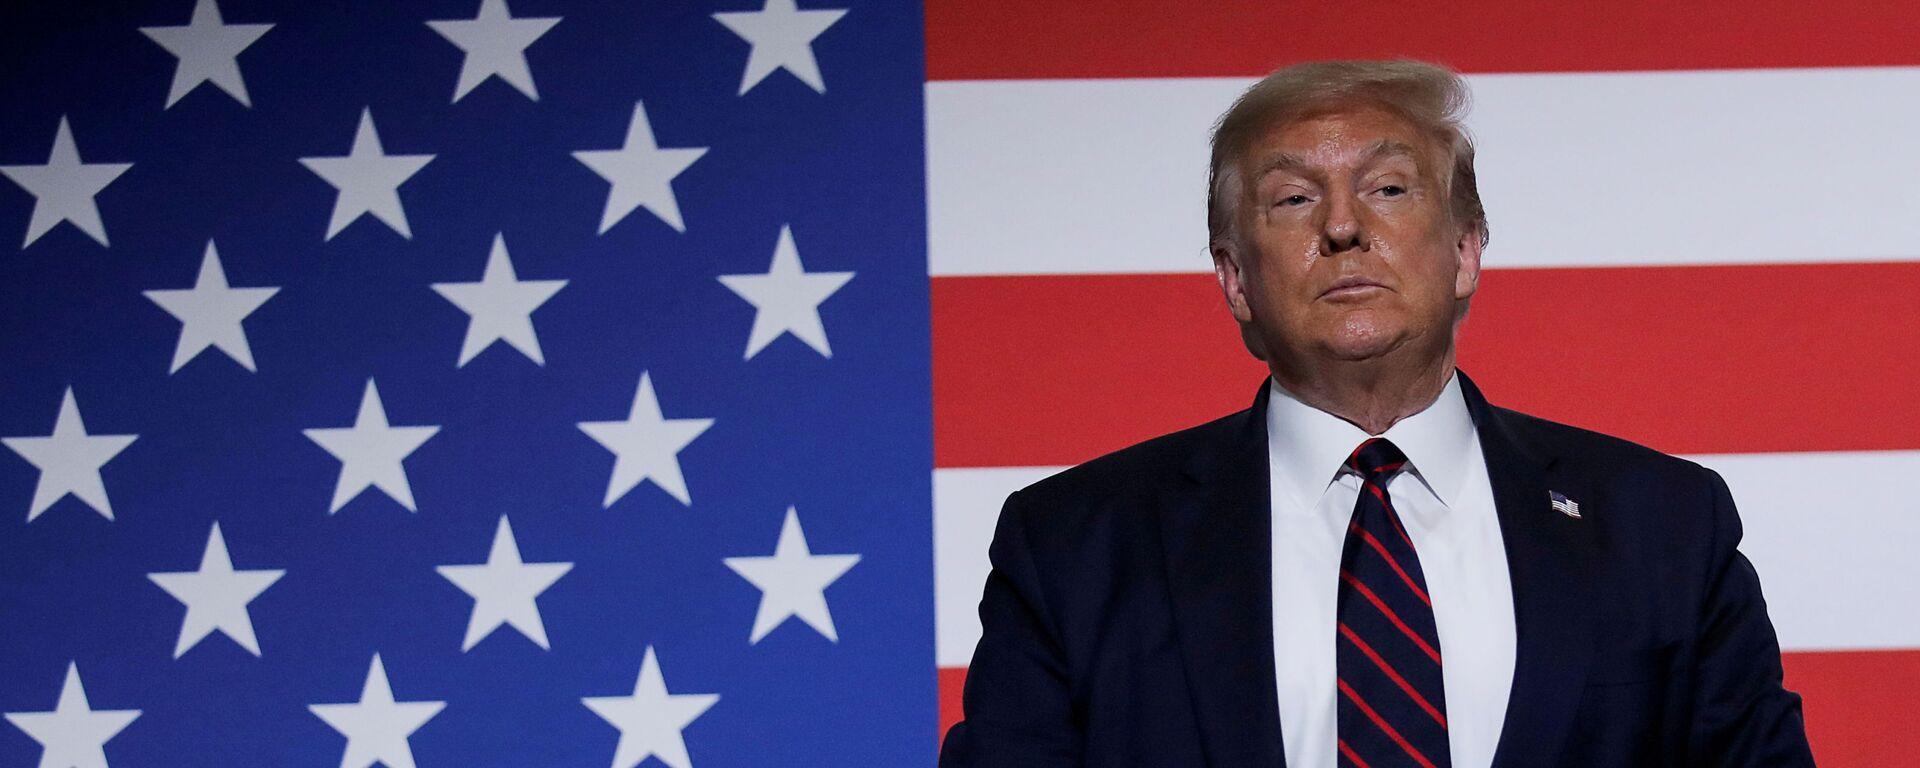 Donald Trump - Sputnik Polska, 1920, 06.09.2020